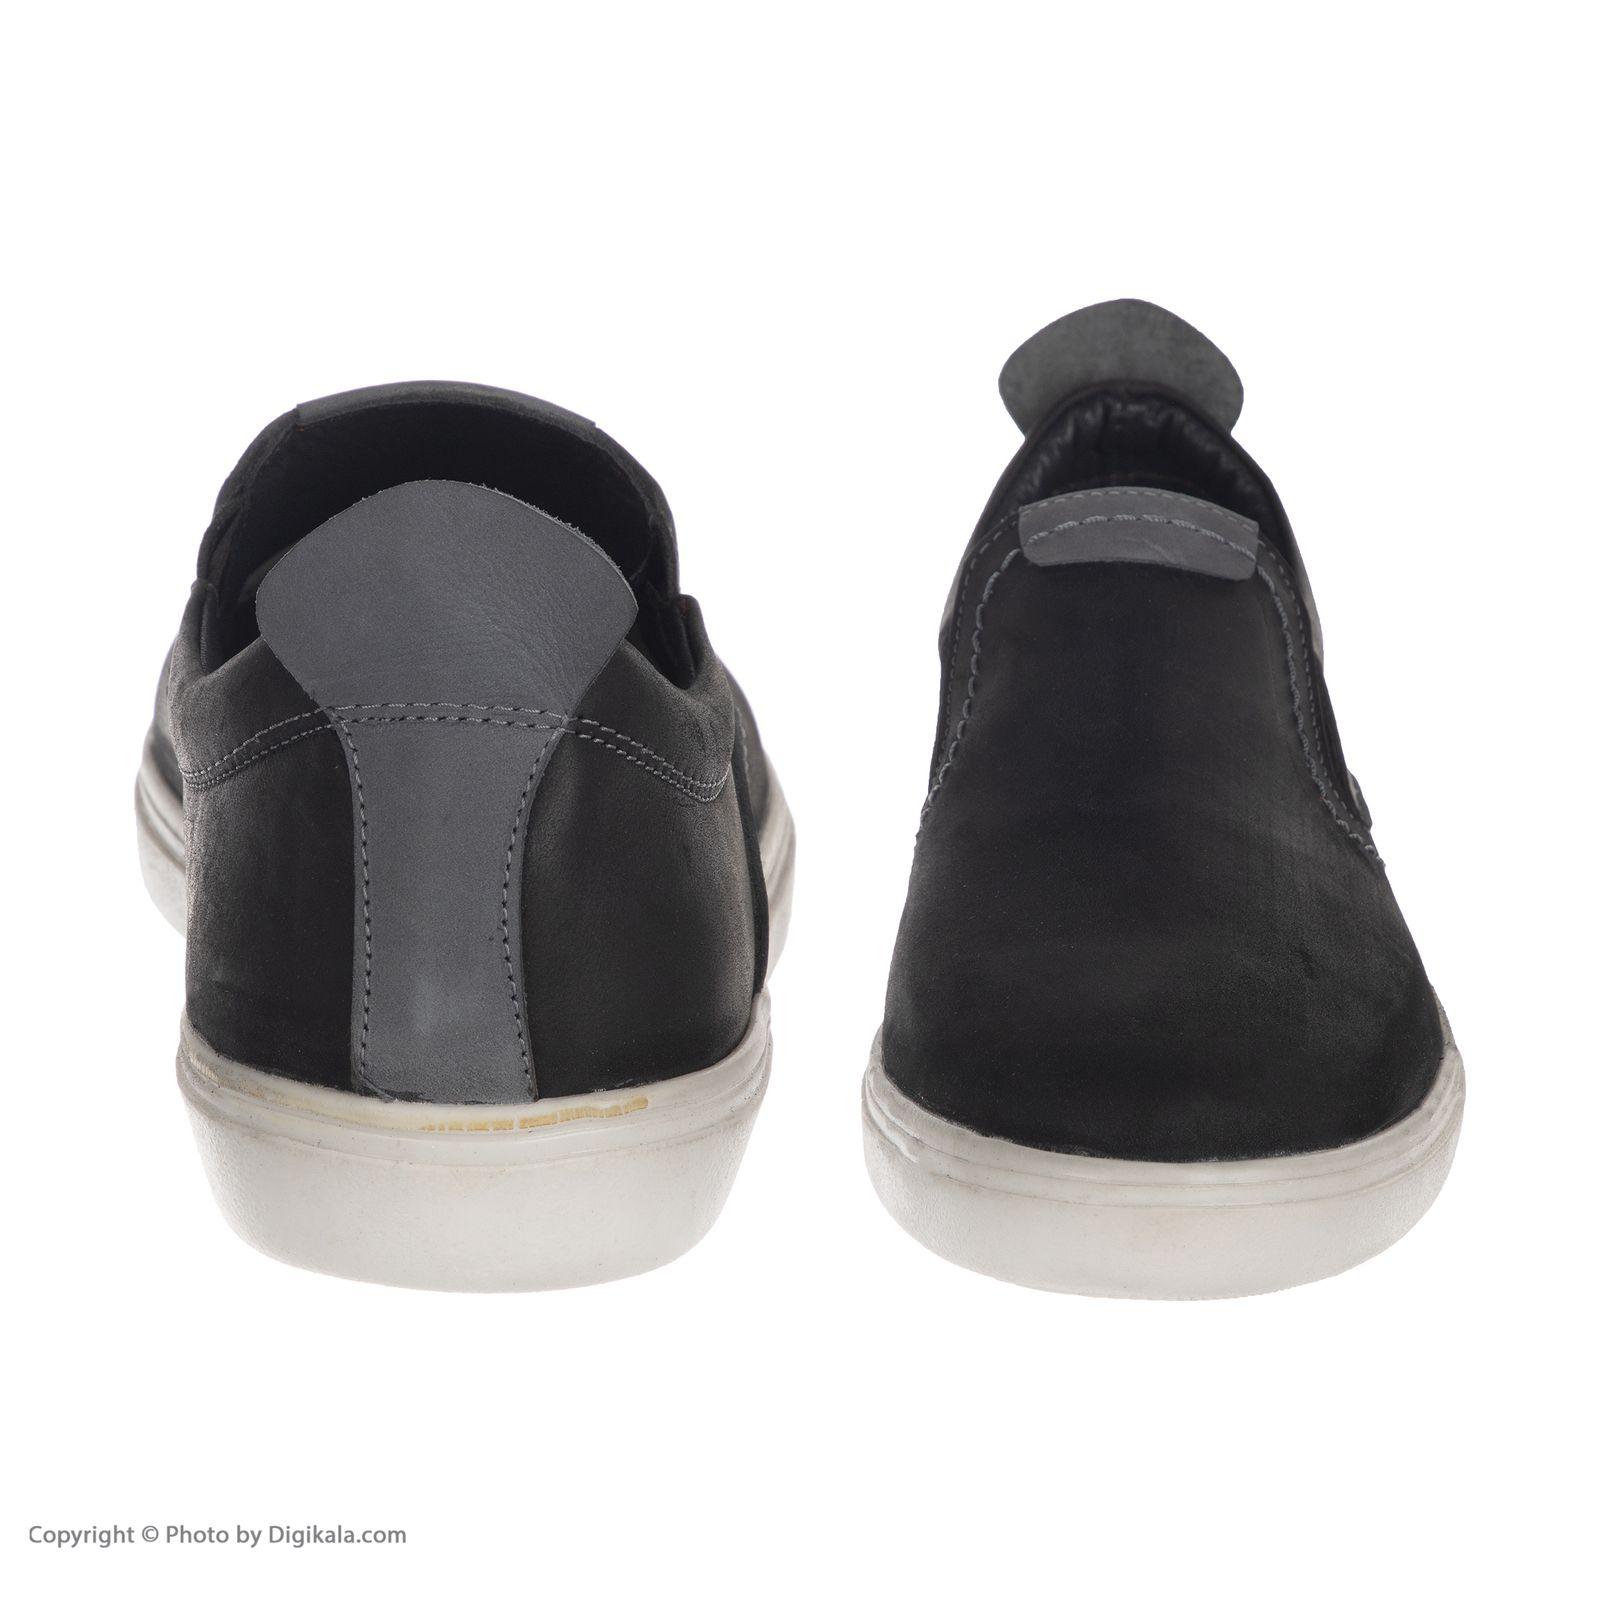 کفش روزمره مردانه دانادل مدل 8613A503129 -  - 3